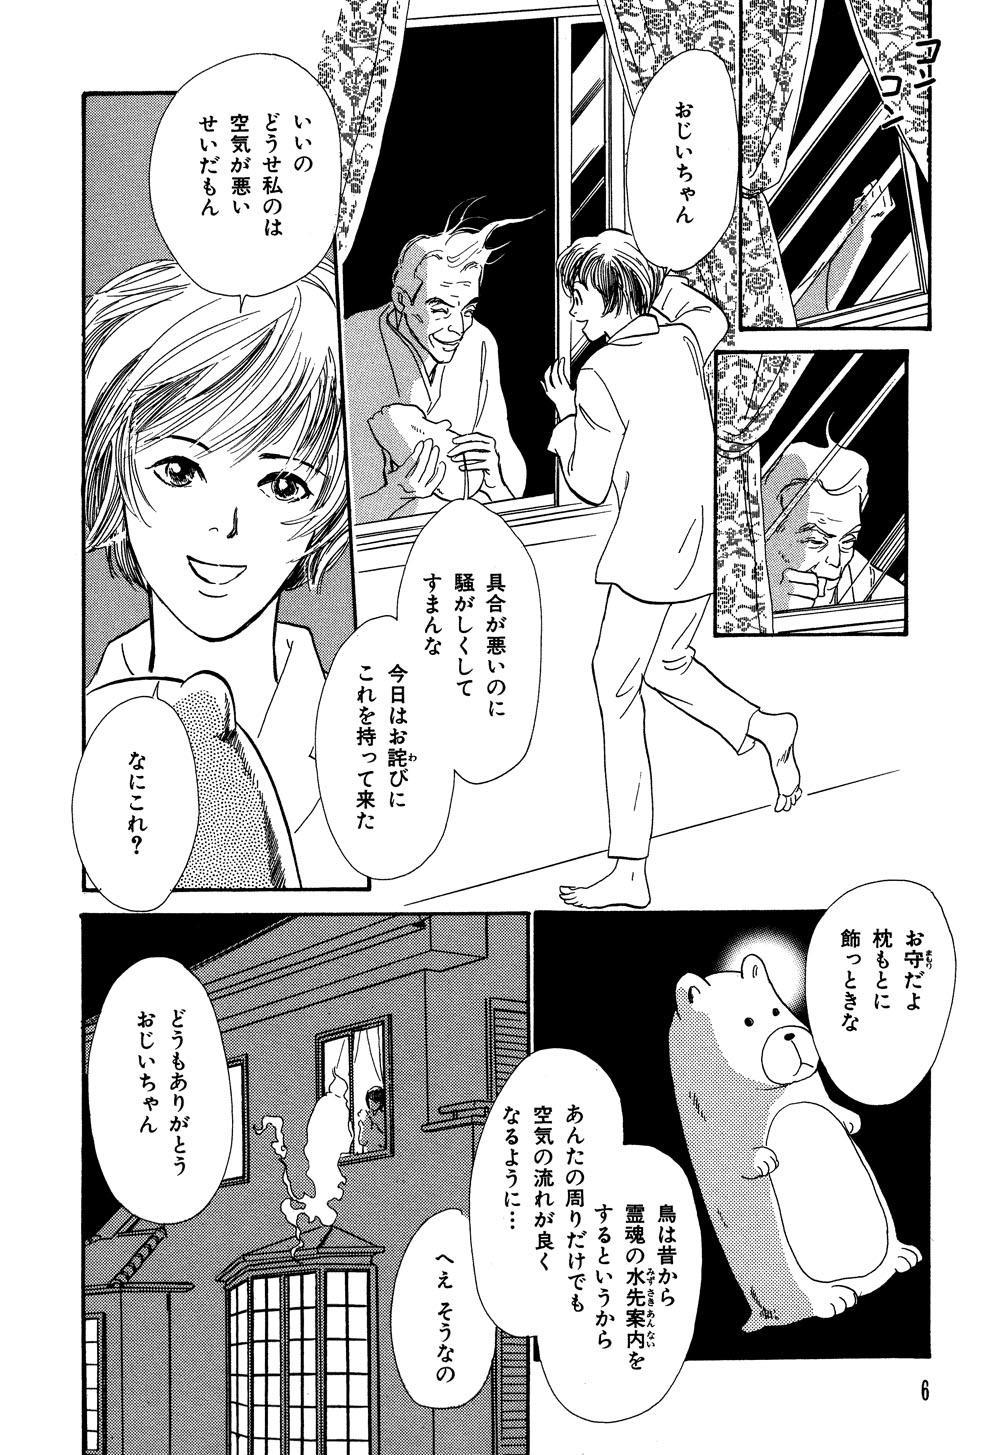 百鬼夜行抄_07_0010.jpg